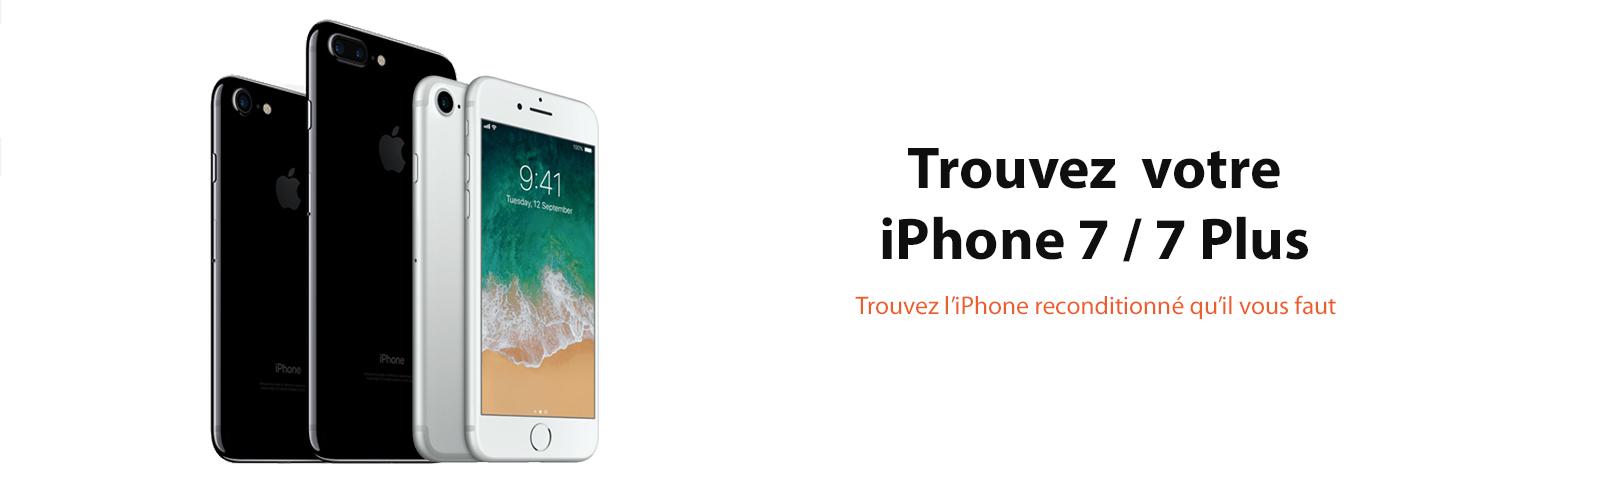 iphone 7 7plus reconditionne black noir silver gris france ynotek 64 128